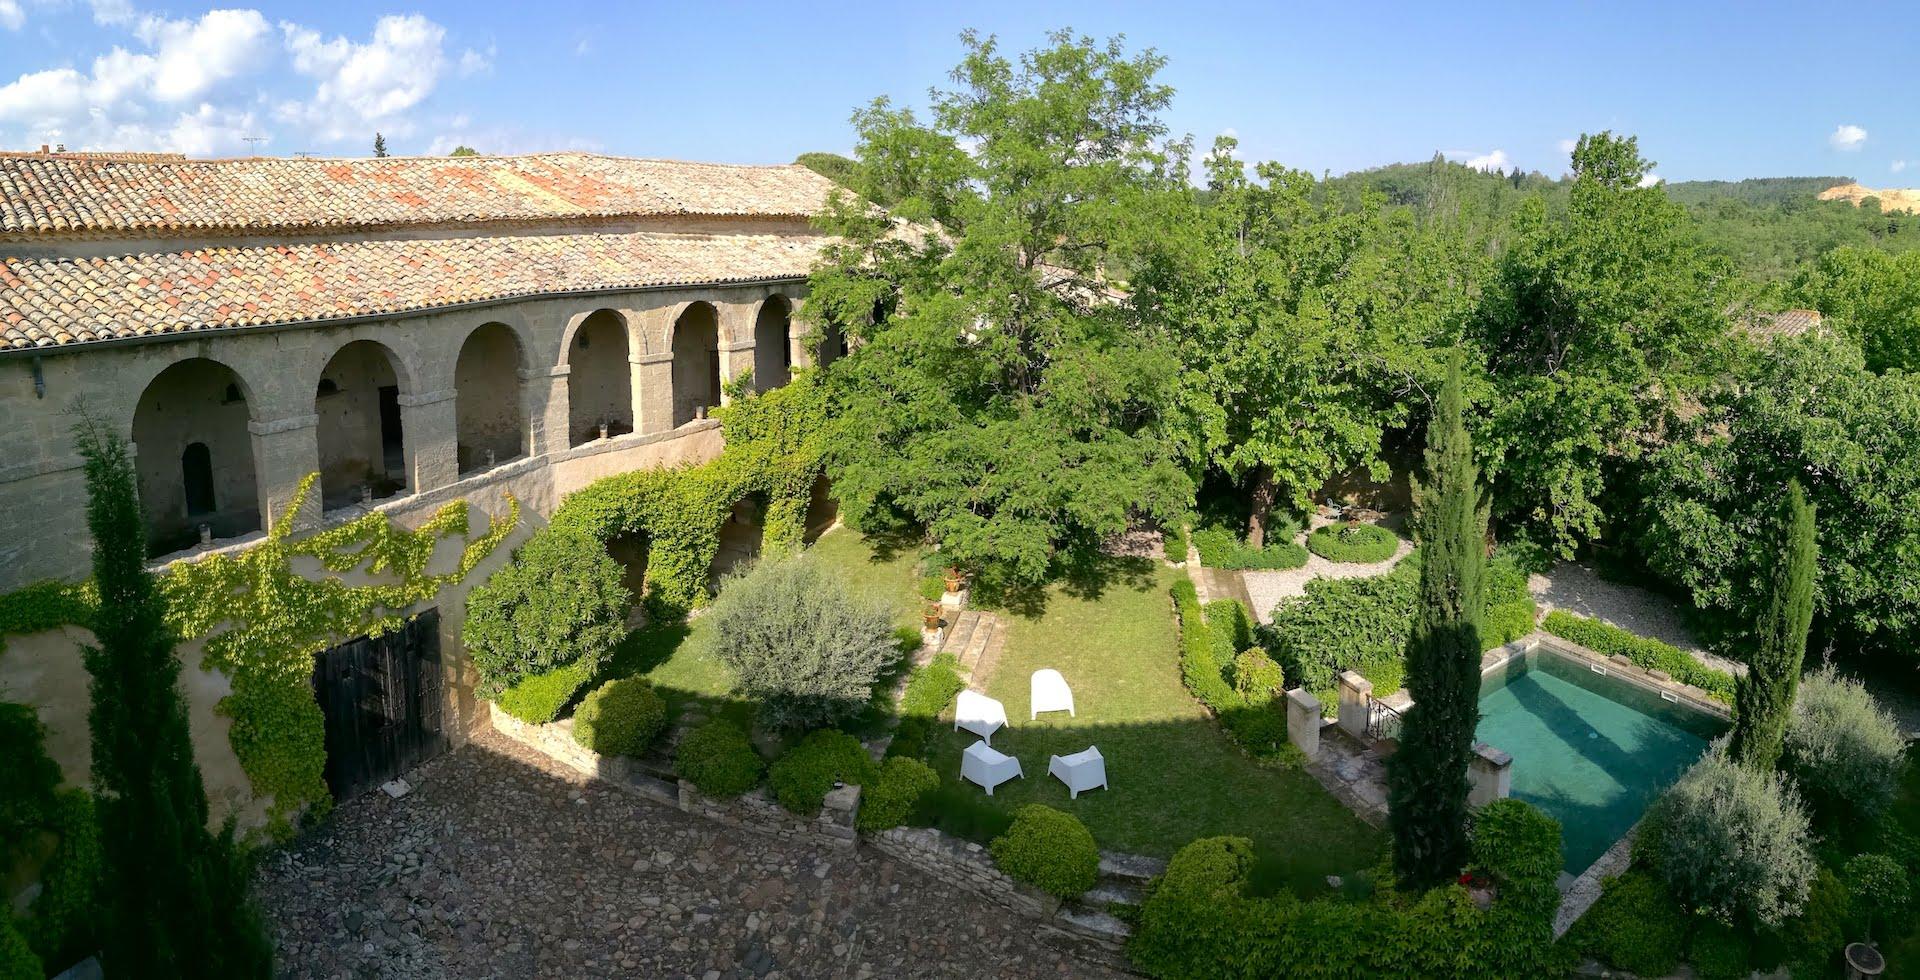 2205 : Uzès proche, élégant et raffiné, Bastide VXII eme siècle, ancien pavillon de chasse, avec son jardin et bassin